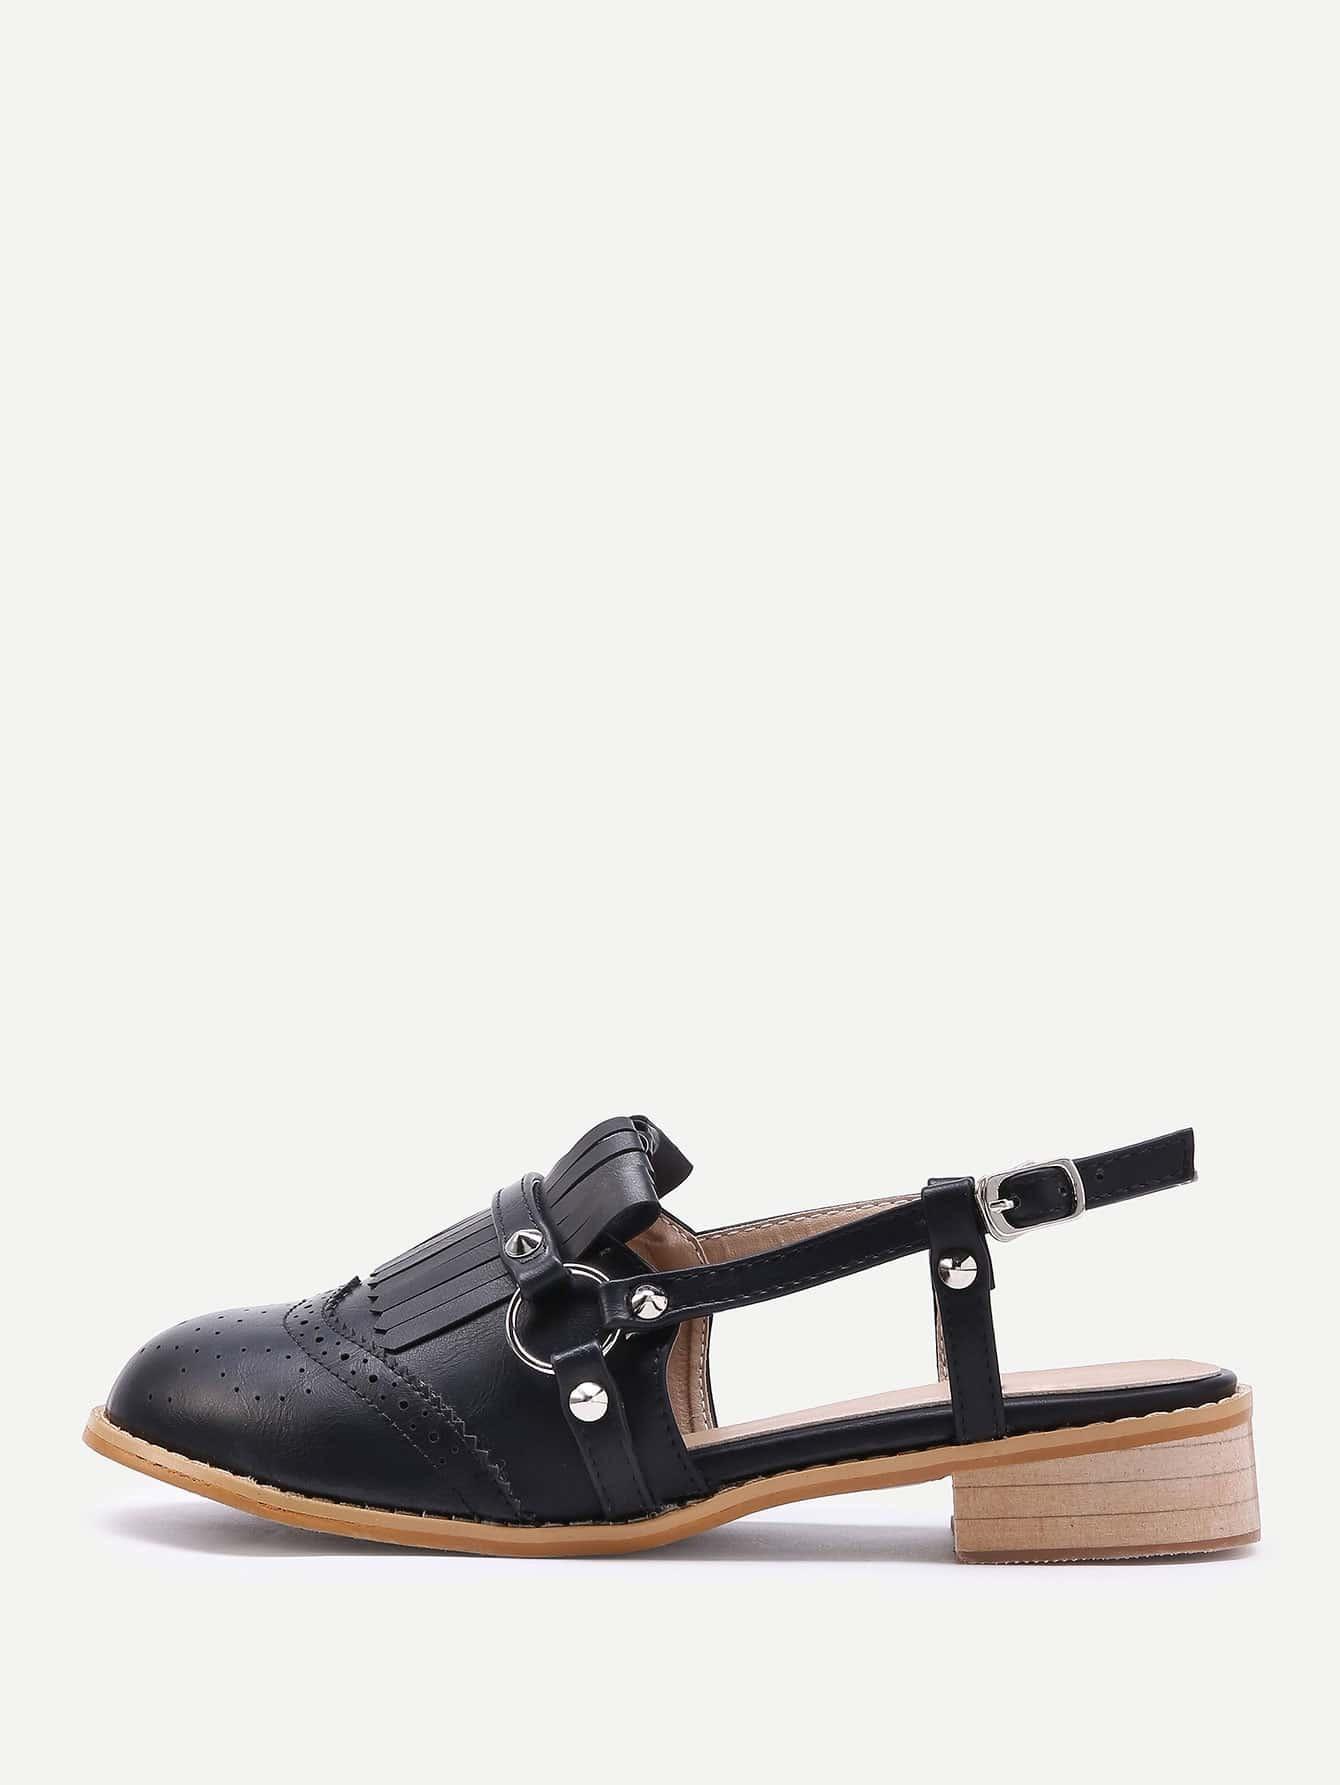 shoes170414814_2